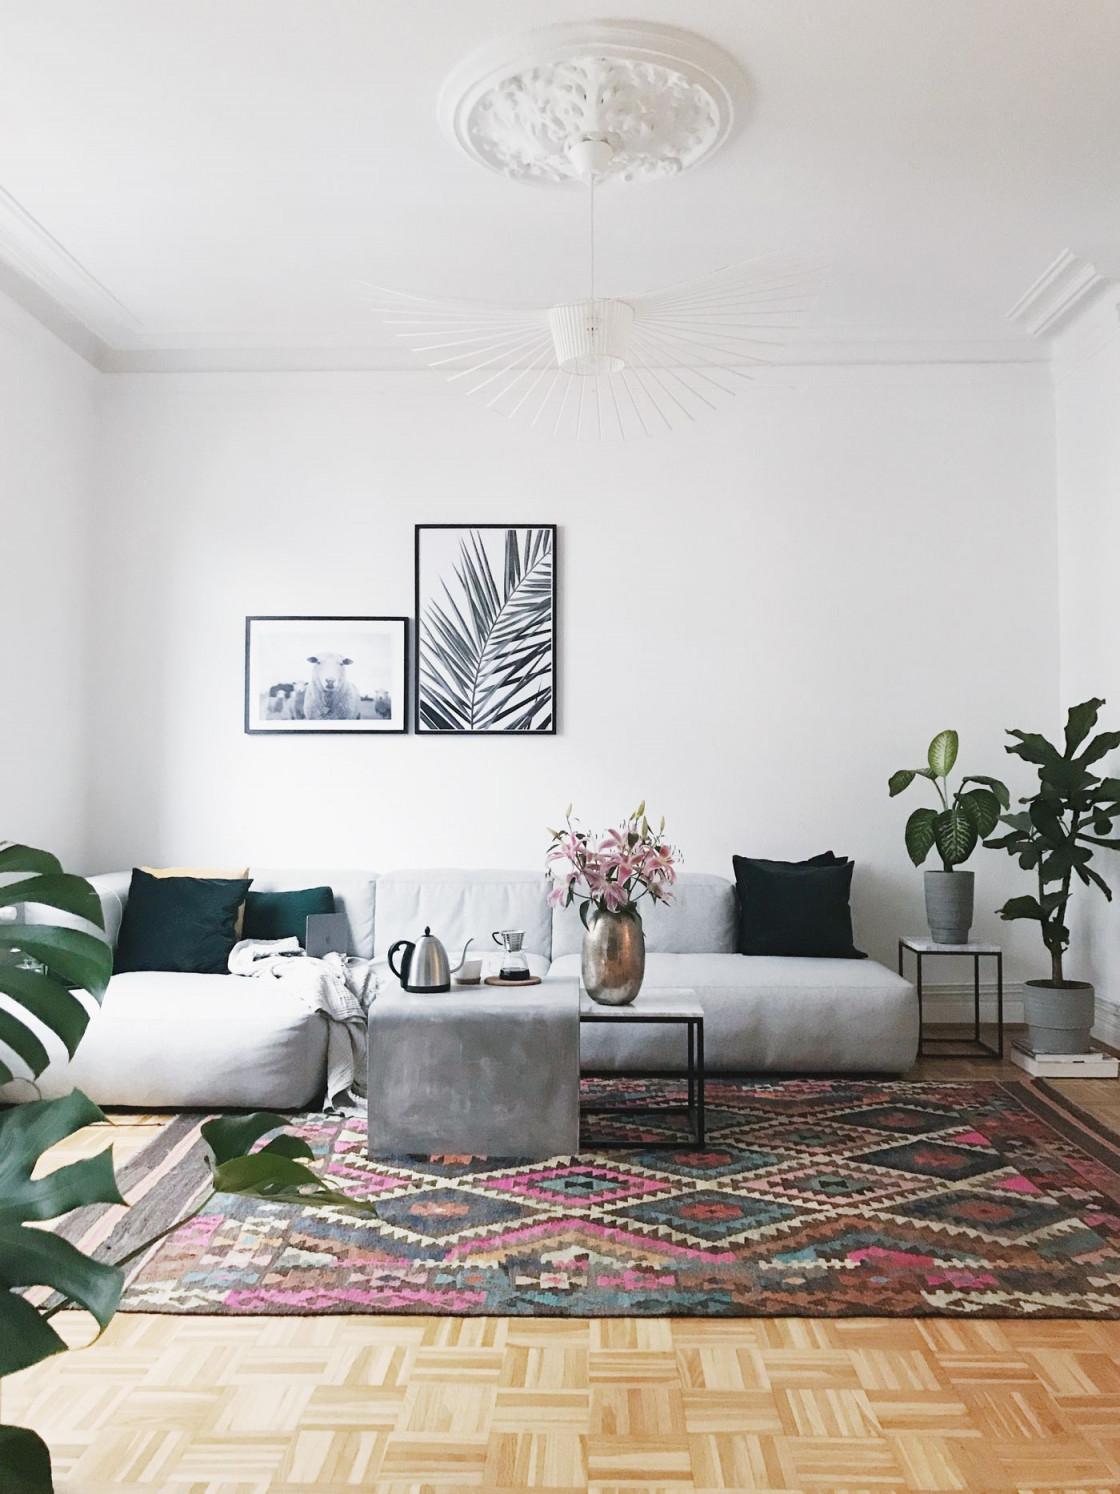 Die Schönsten Wohnzimmer Deko Ideen von Wohnzimmer Blumen Deko Bild